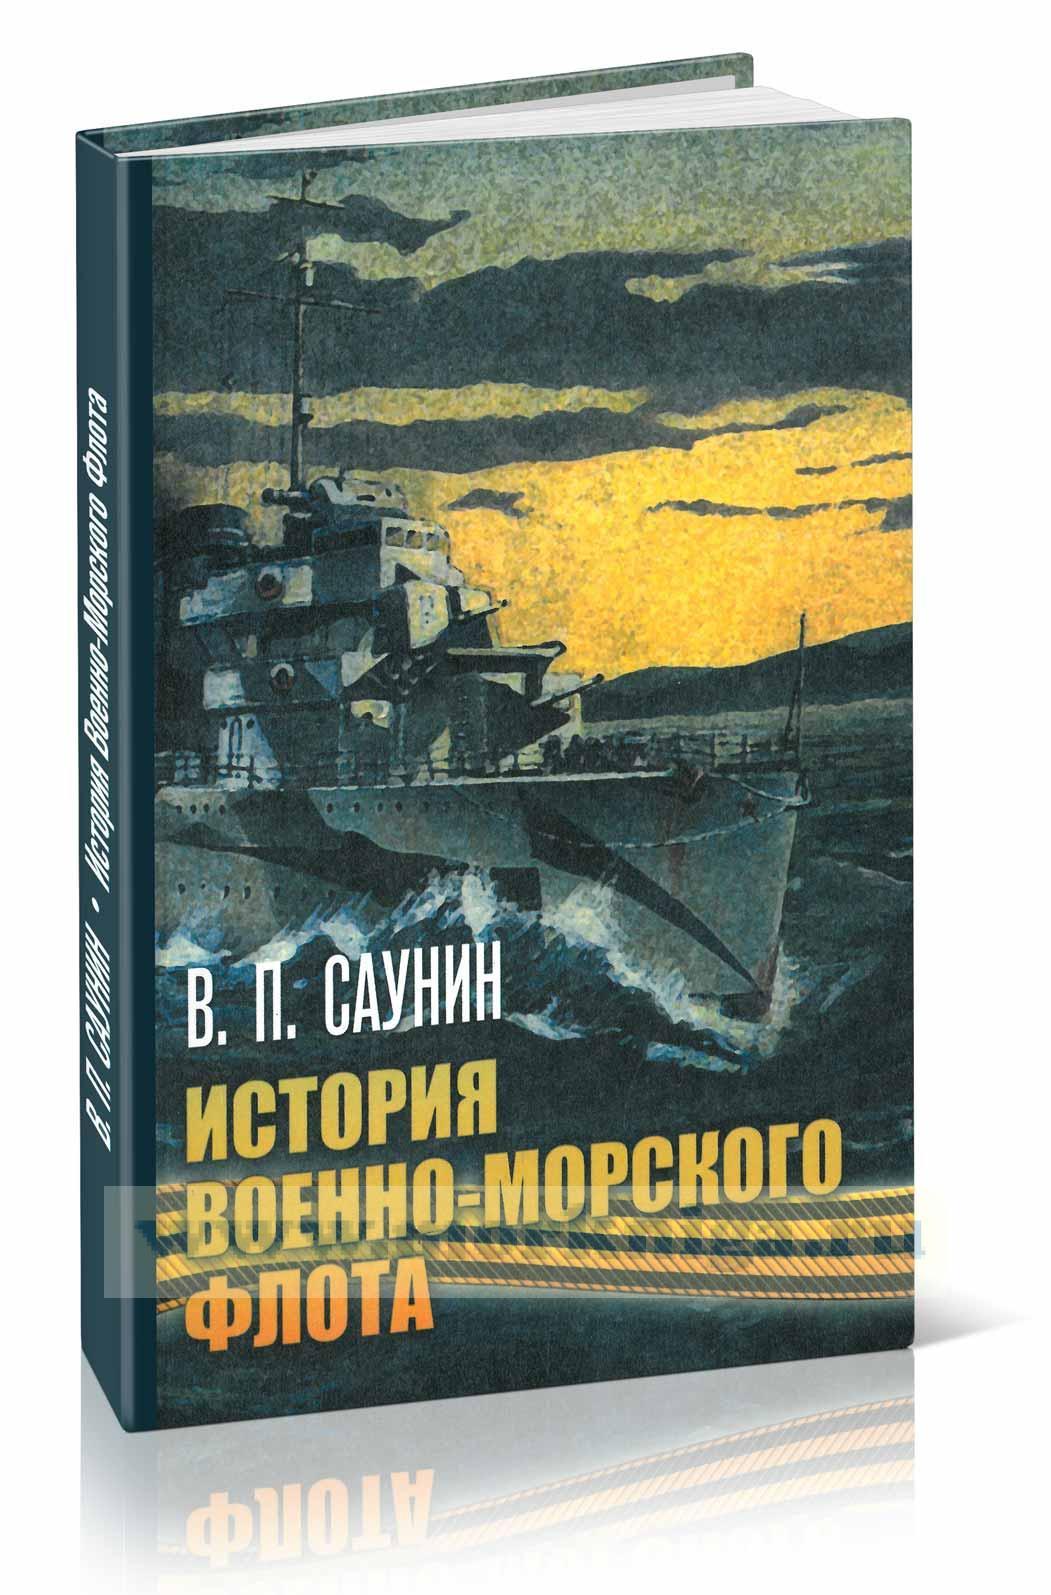 История военно-морского флота. Часть II